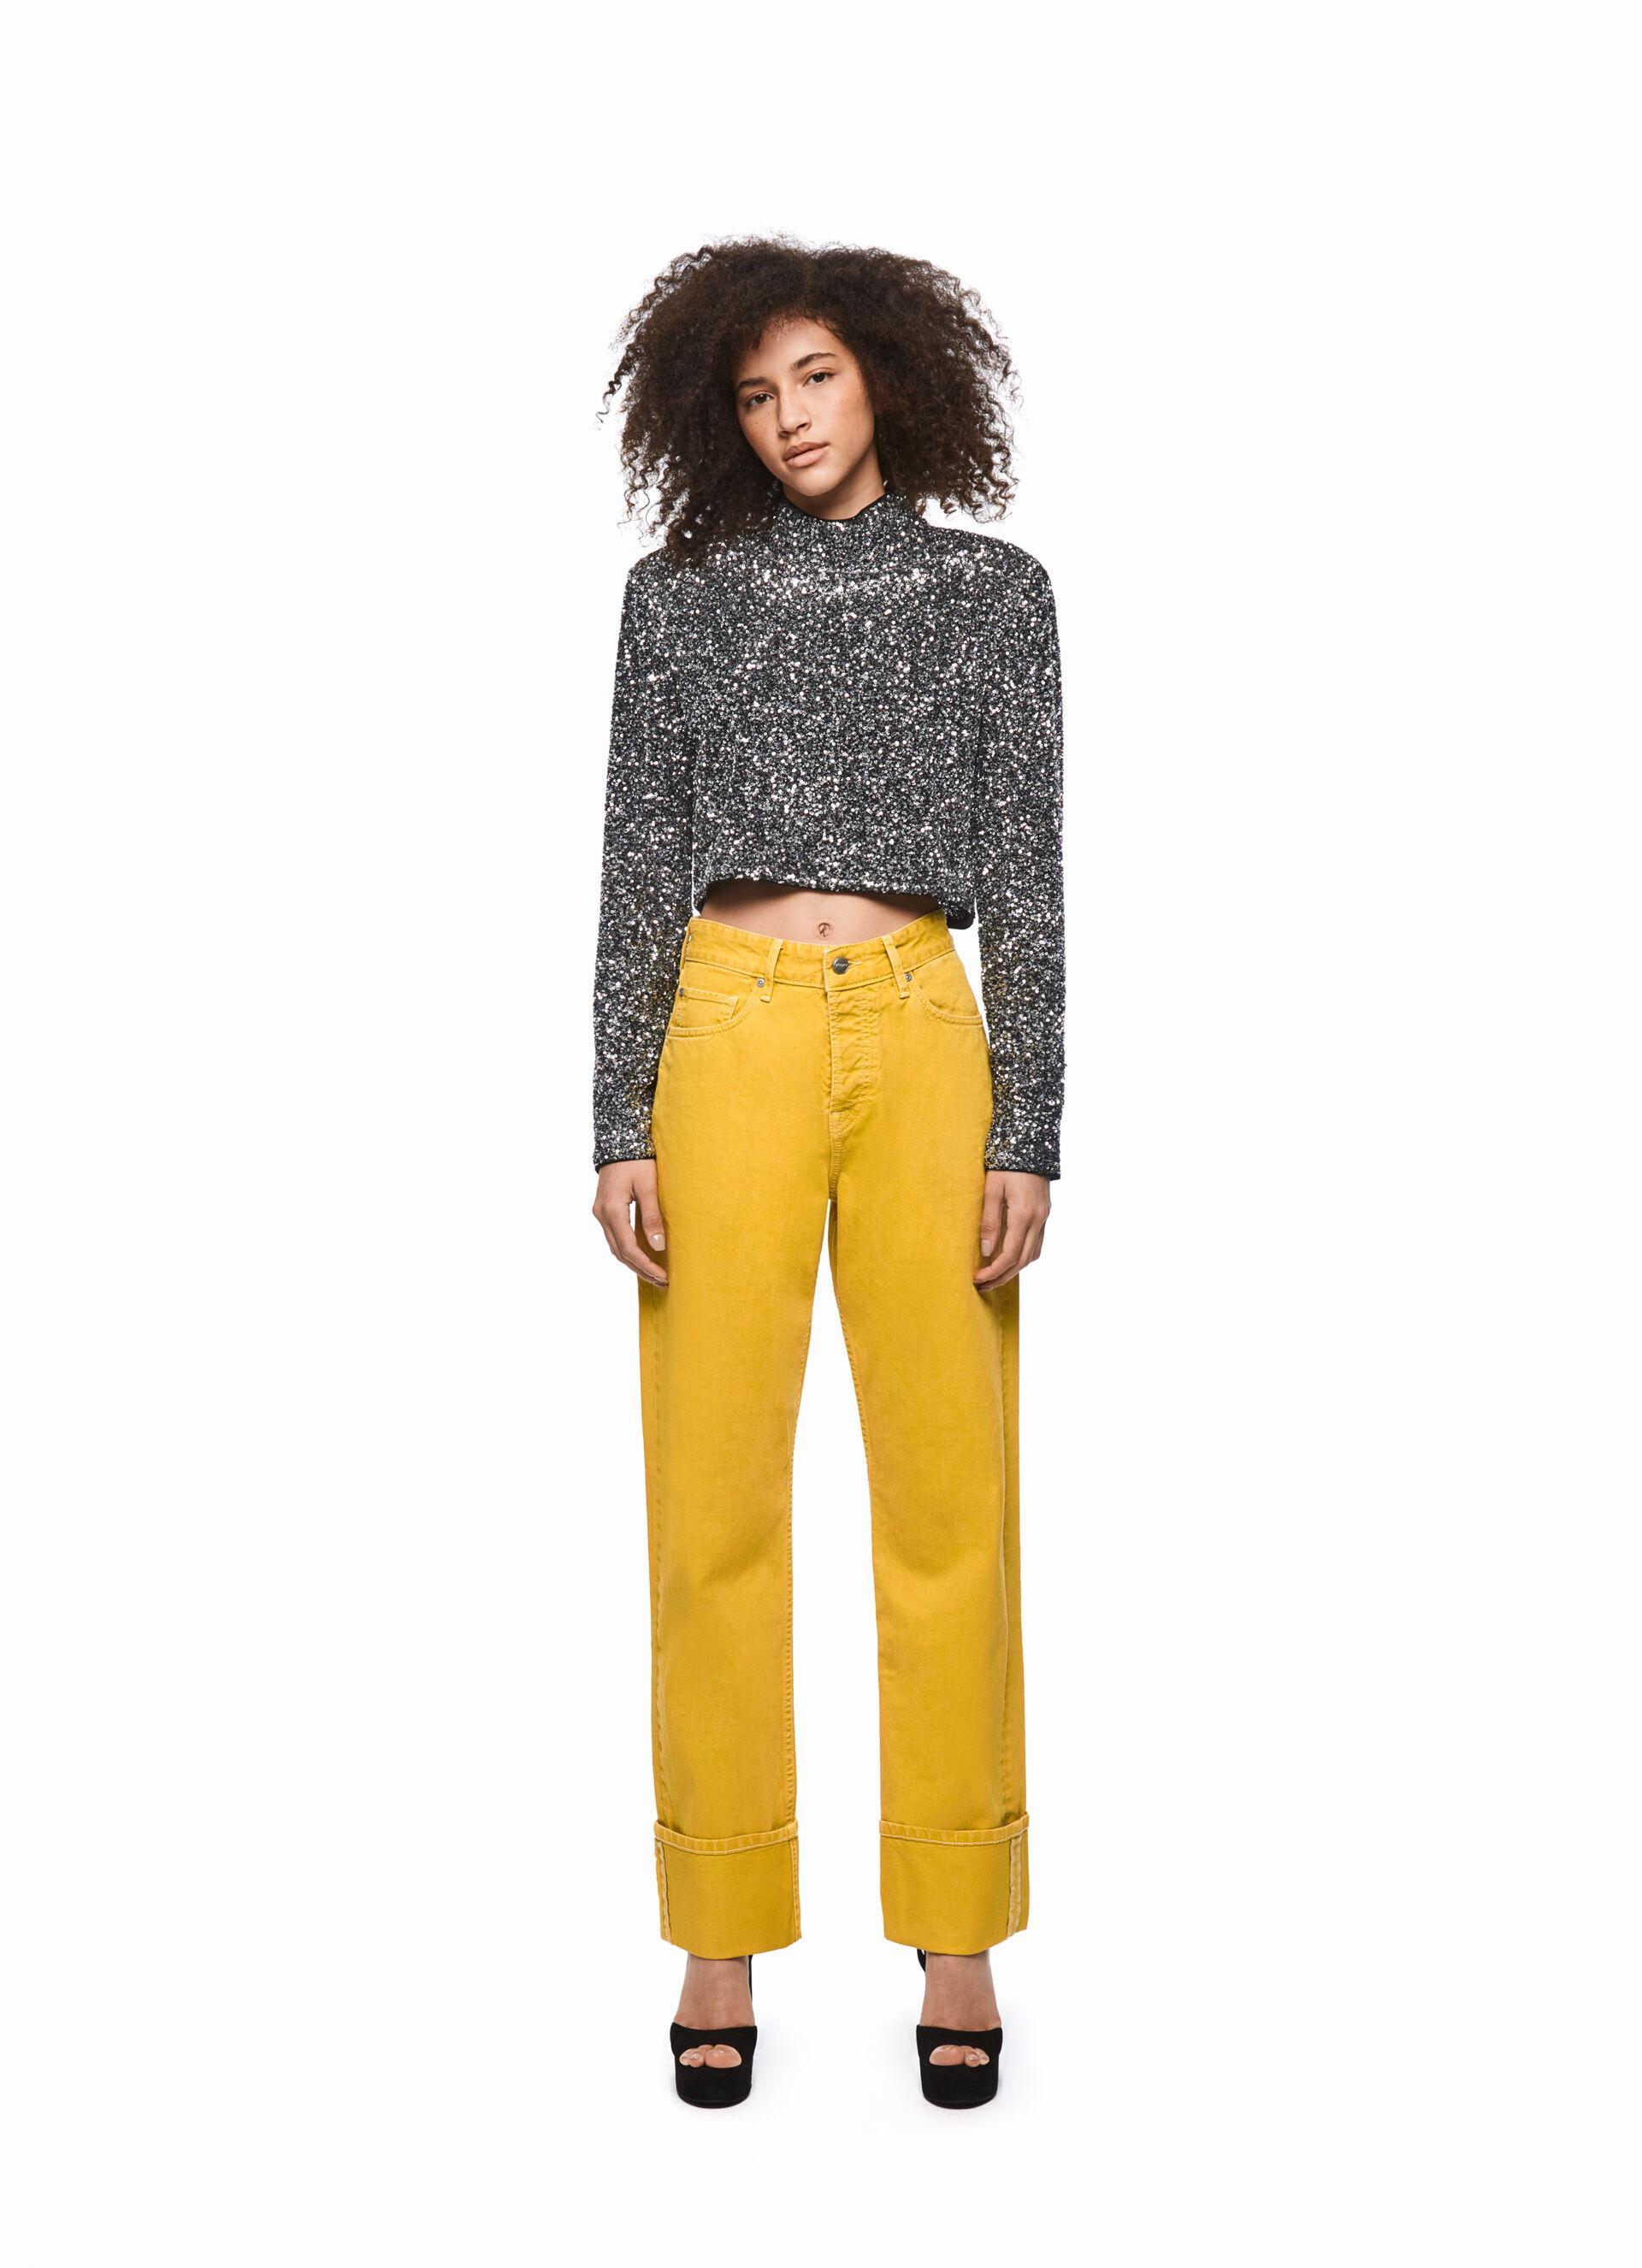 DUA LIPA X PEPE JEANS Retro Coloured Jeans